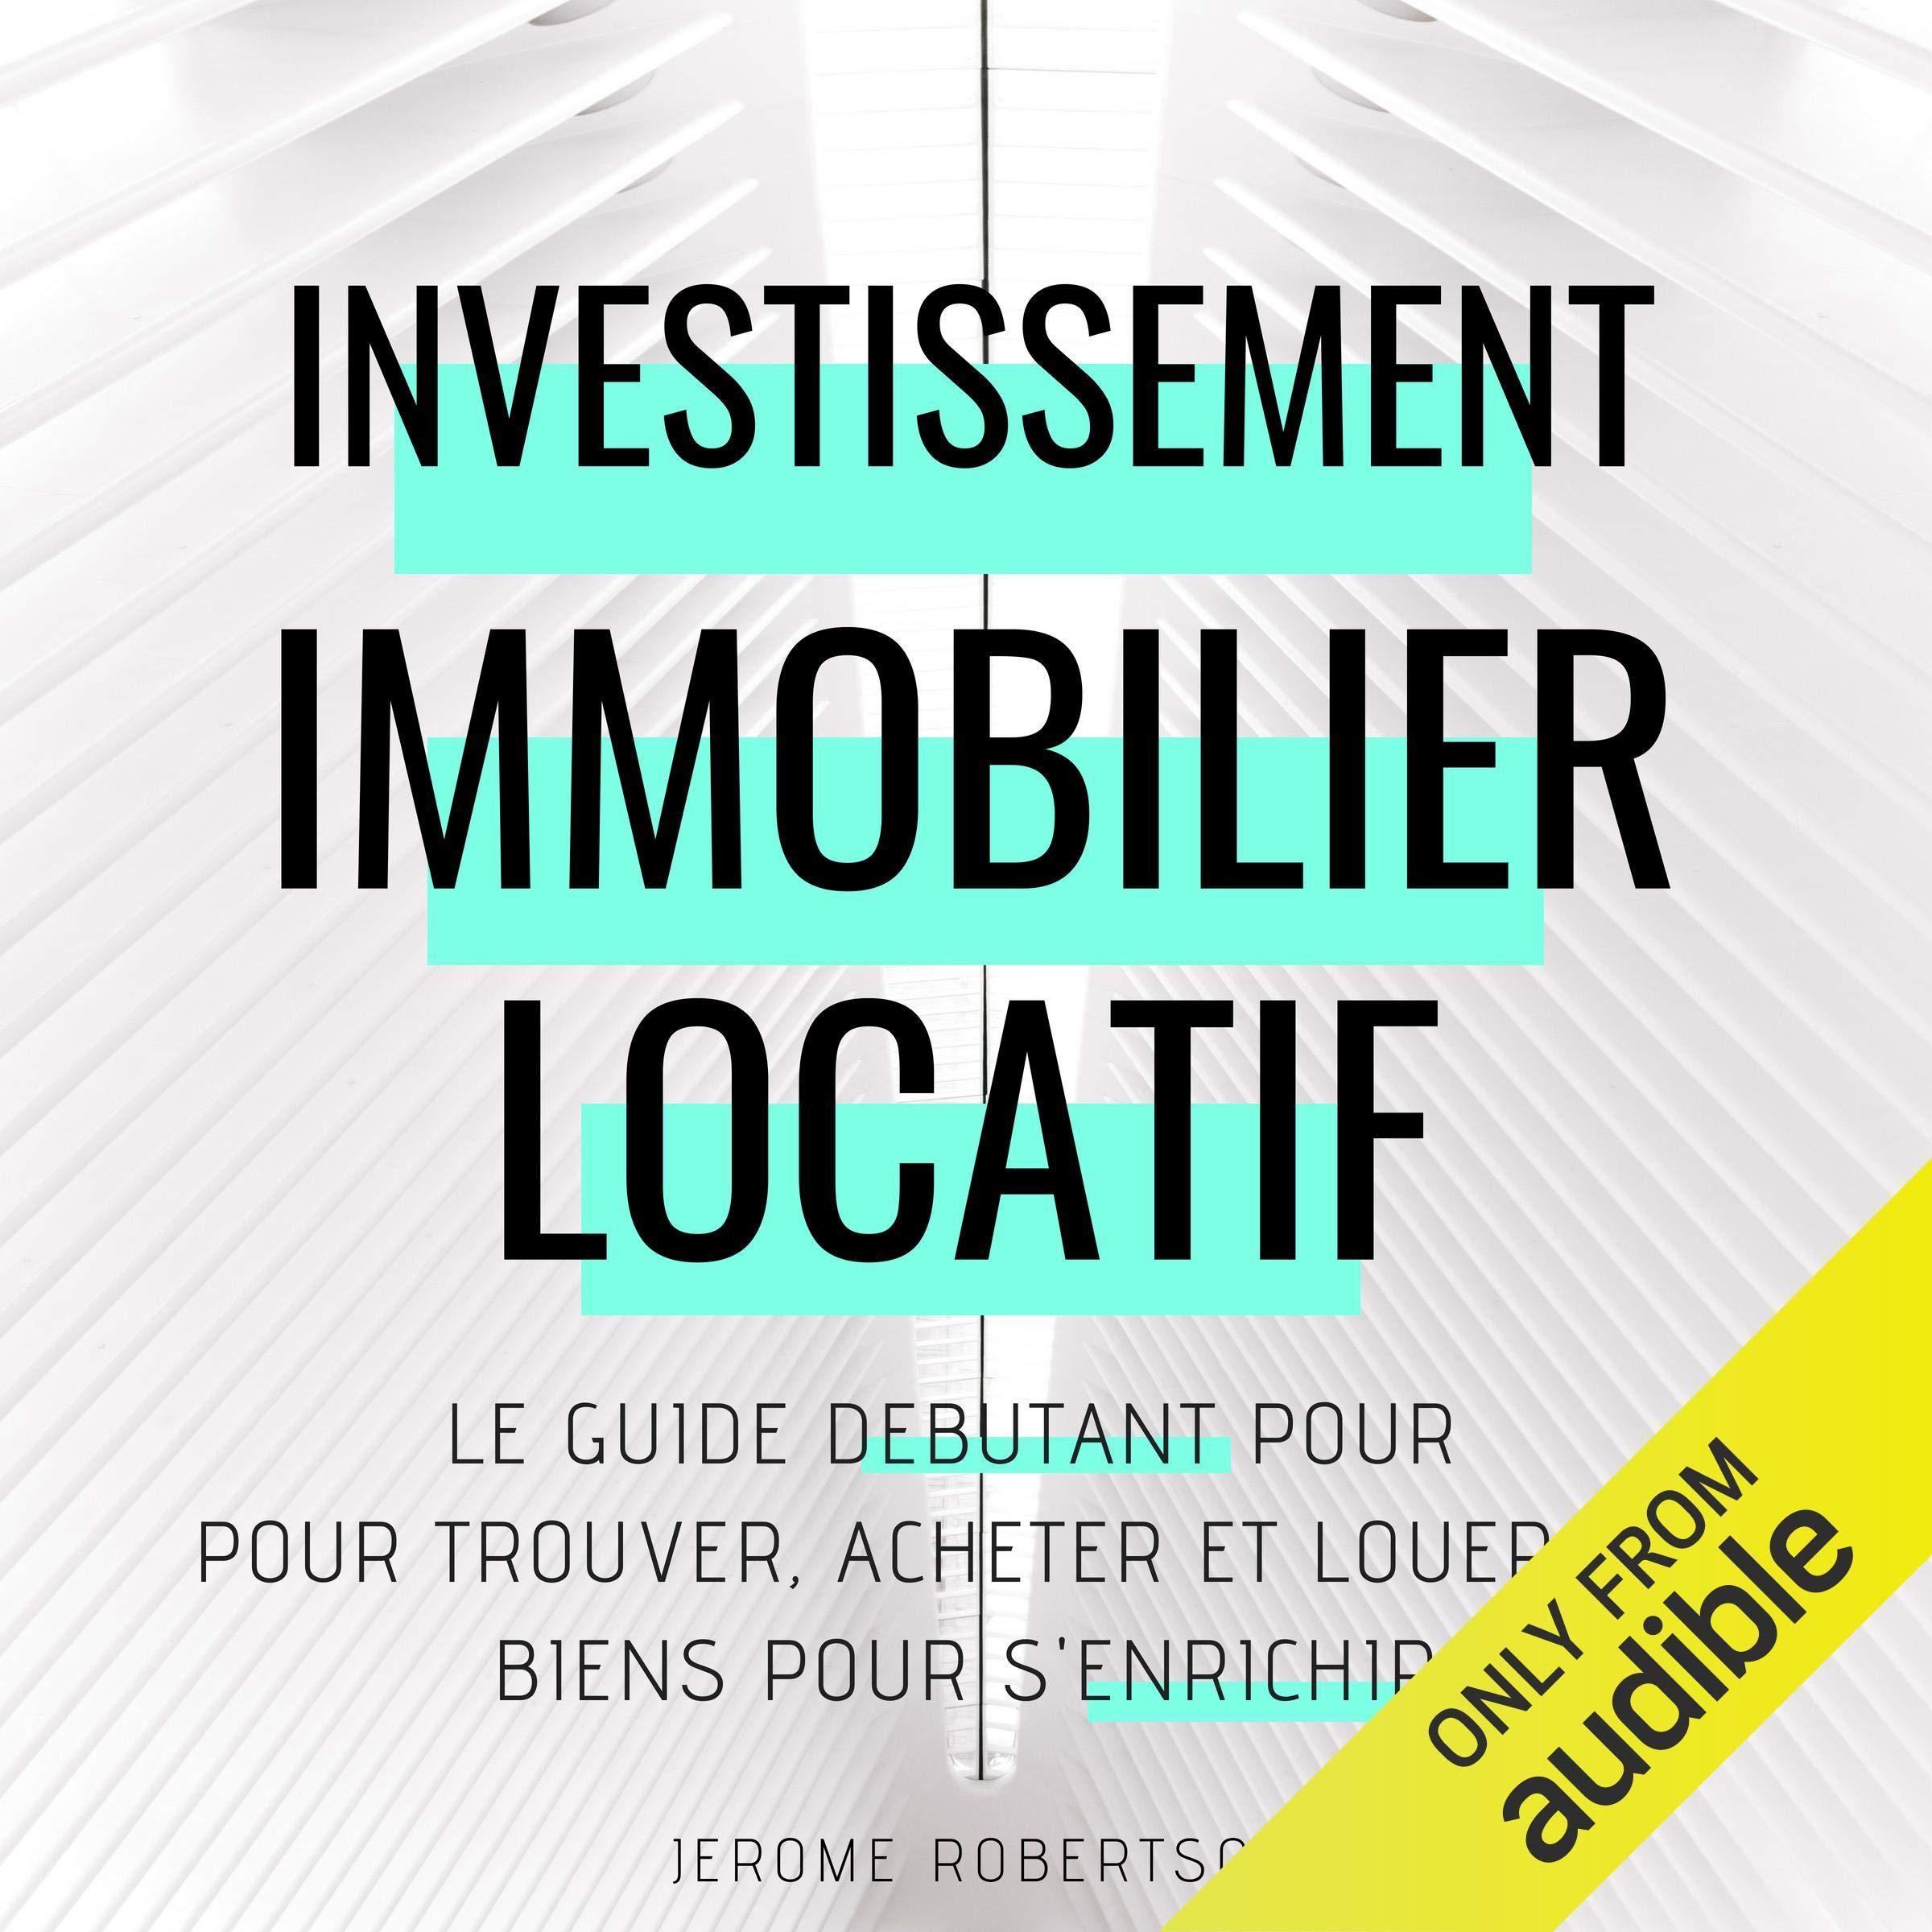 Investissement Immobilier Locatif  Real Estate Rental Investment   Le Guide Débutant Pour Trouver Acheter Et Louer Des Biens Pour S'Enrichir